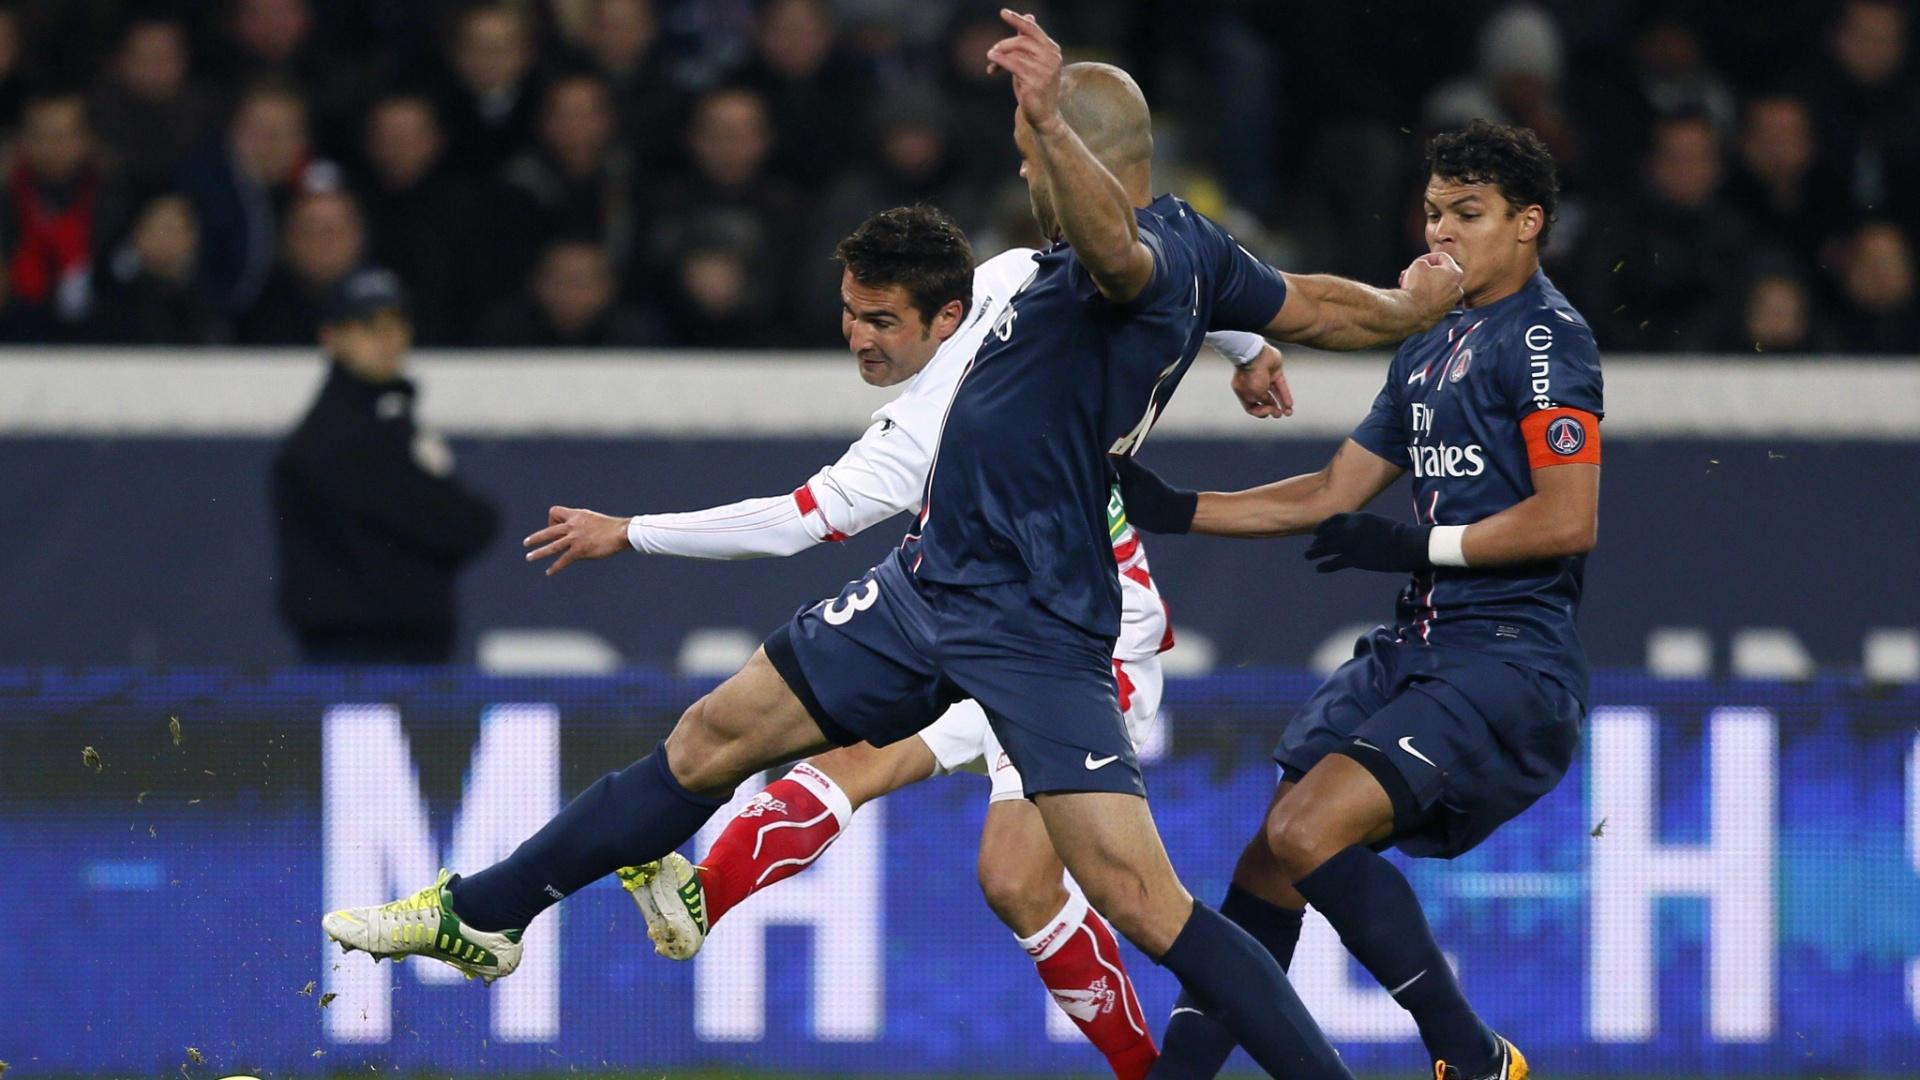 11.jan.2013 - Adrian Mutu, do Ajaccio, tenta a finalização contra a marcação dos zagueiros brasileiros Thiago Silva e Alex, do PSG